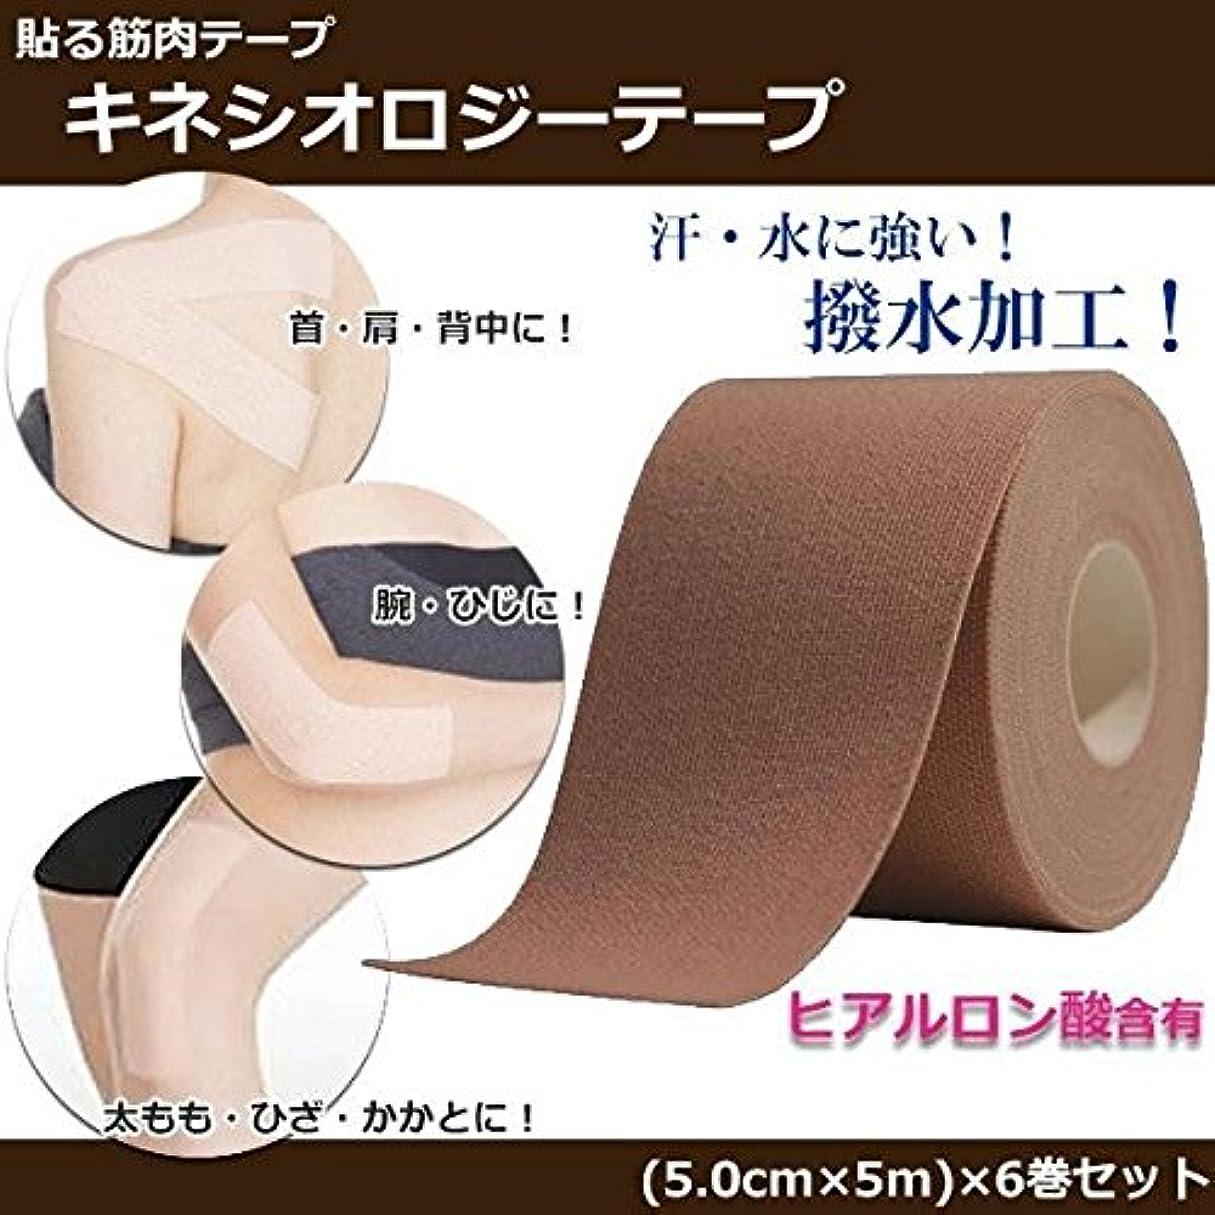 伝える外交官現実的貼る筋肉テープ キネシオロジーテープ ヒアルロン酸含有 日本製 6巻セット